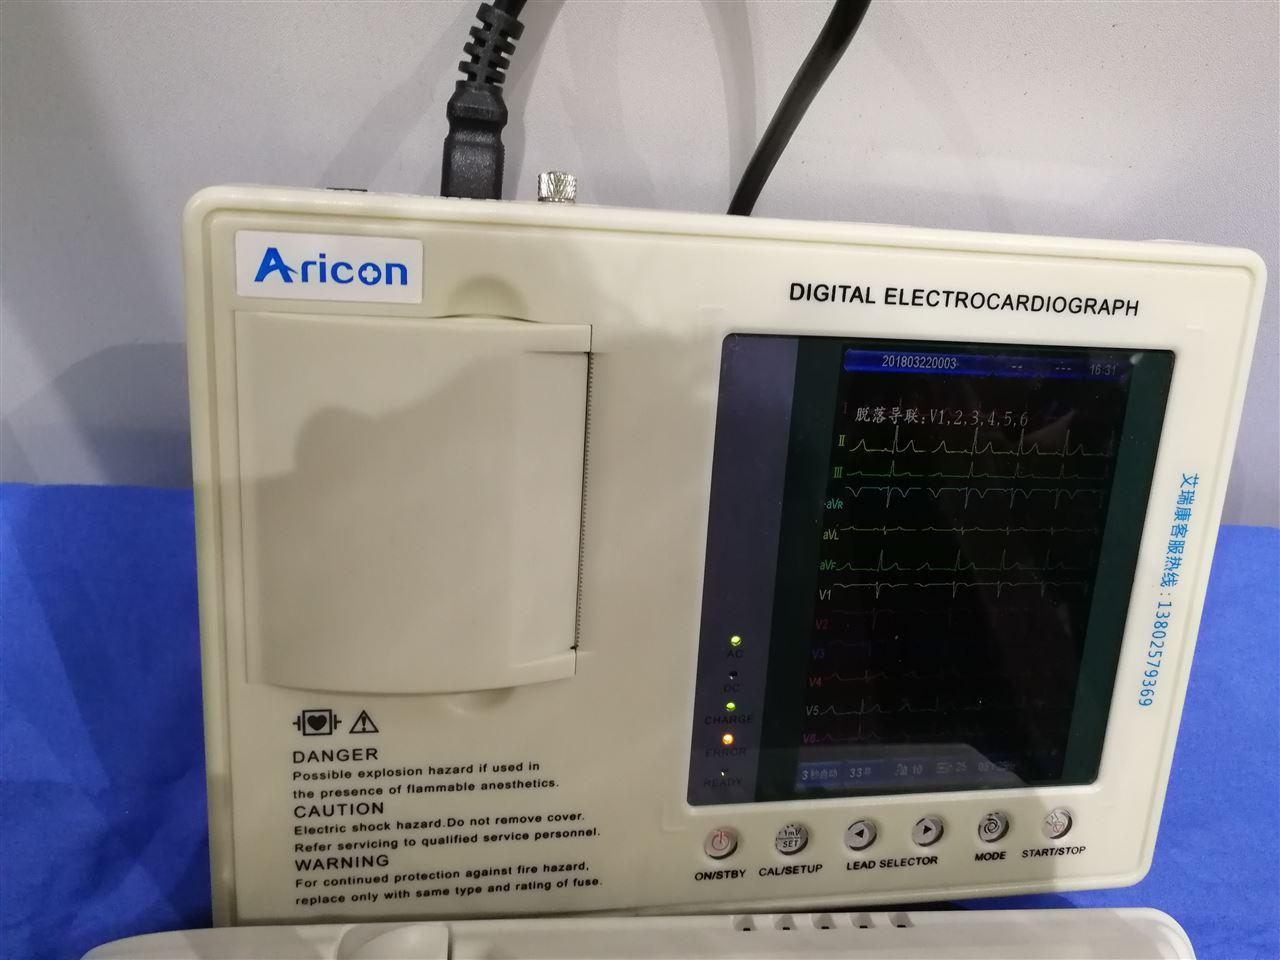 采用独特的高精度数字滤波器消除基线漂移和其他干扰,不对心电波形